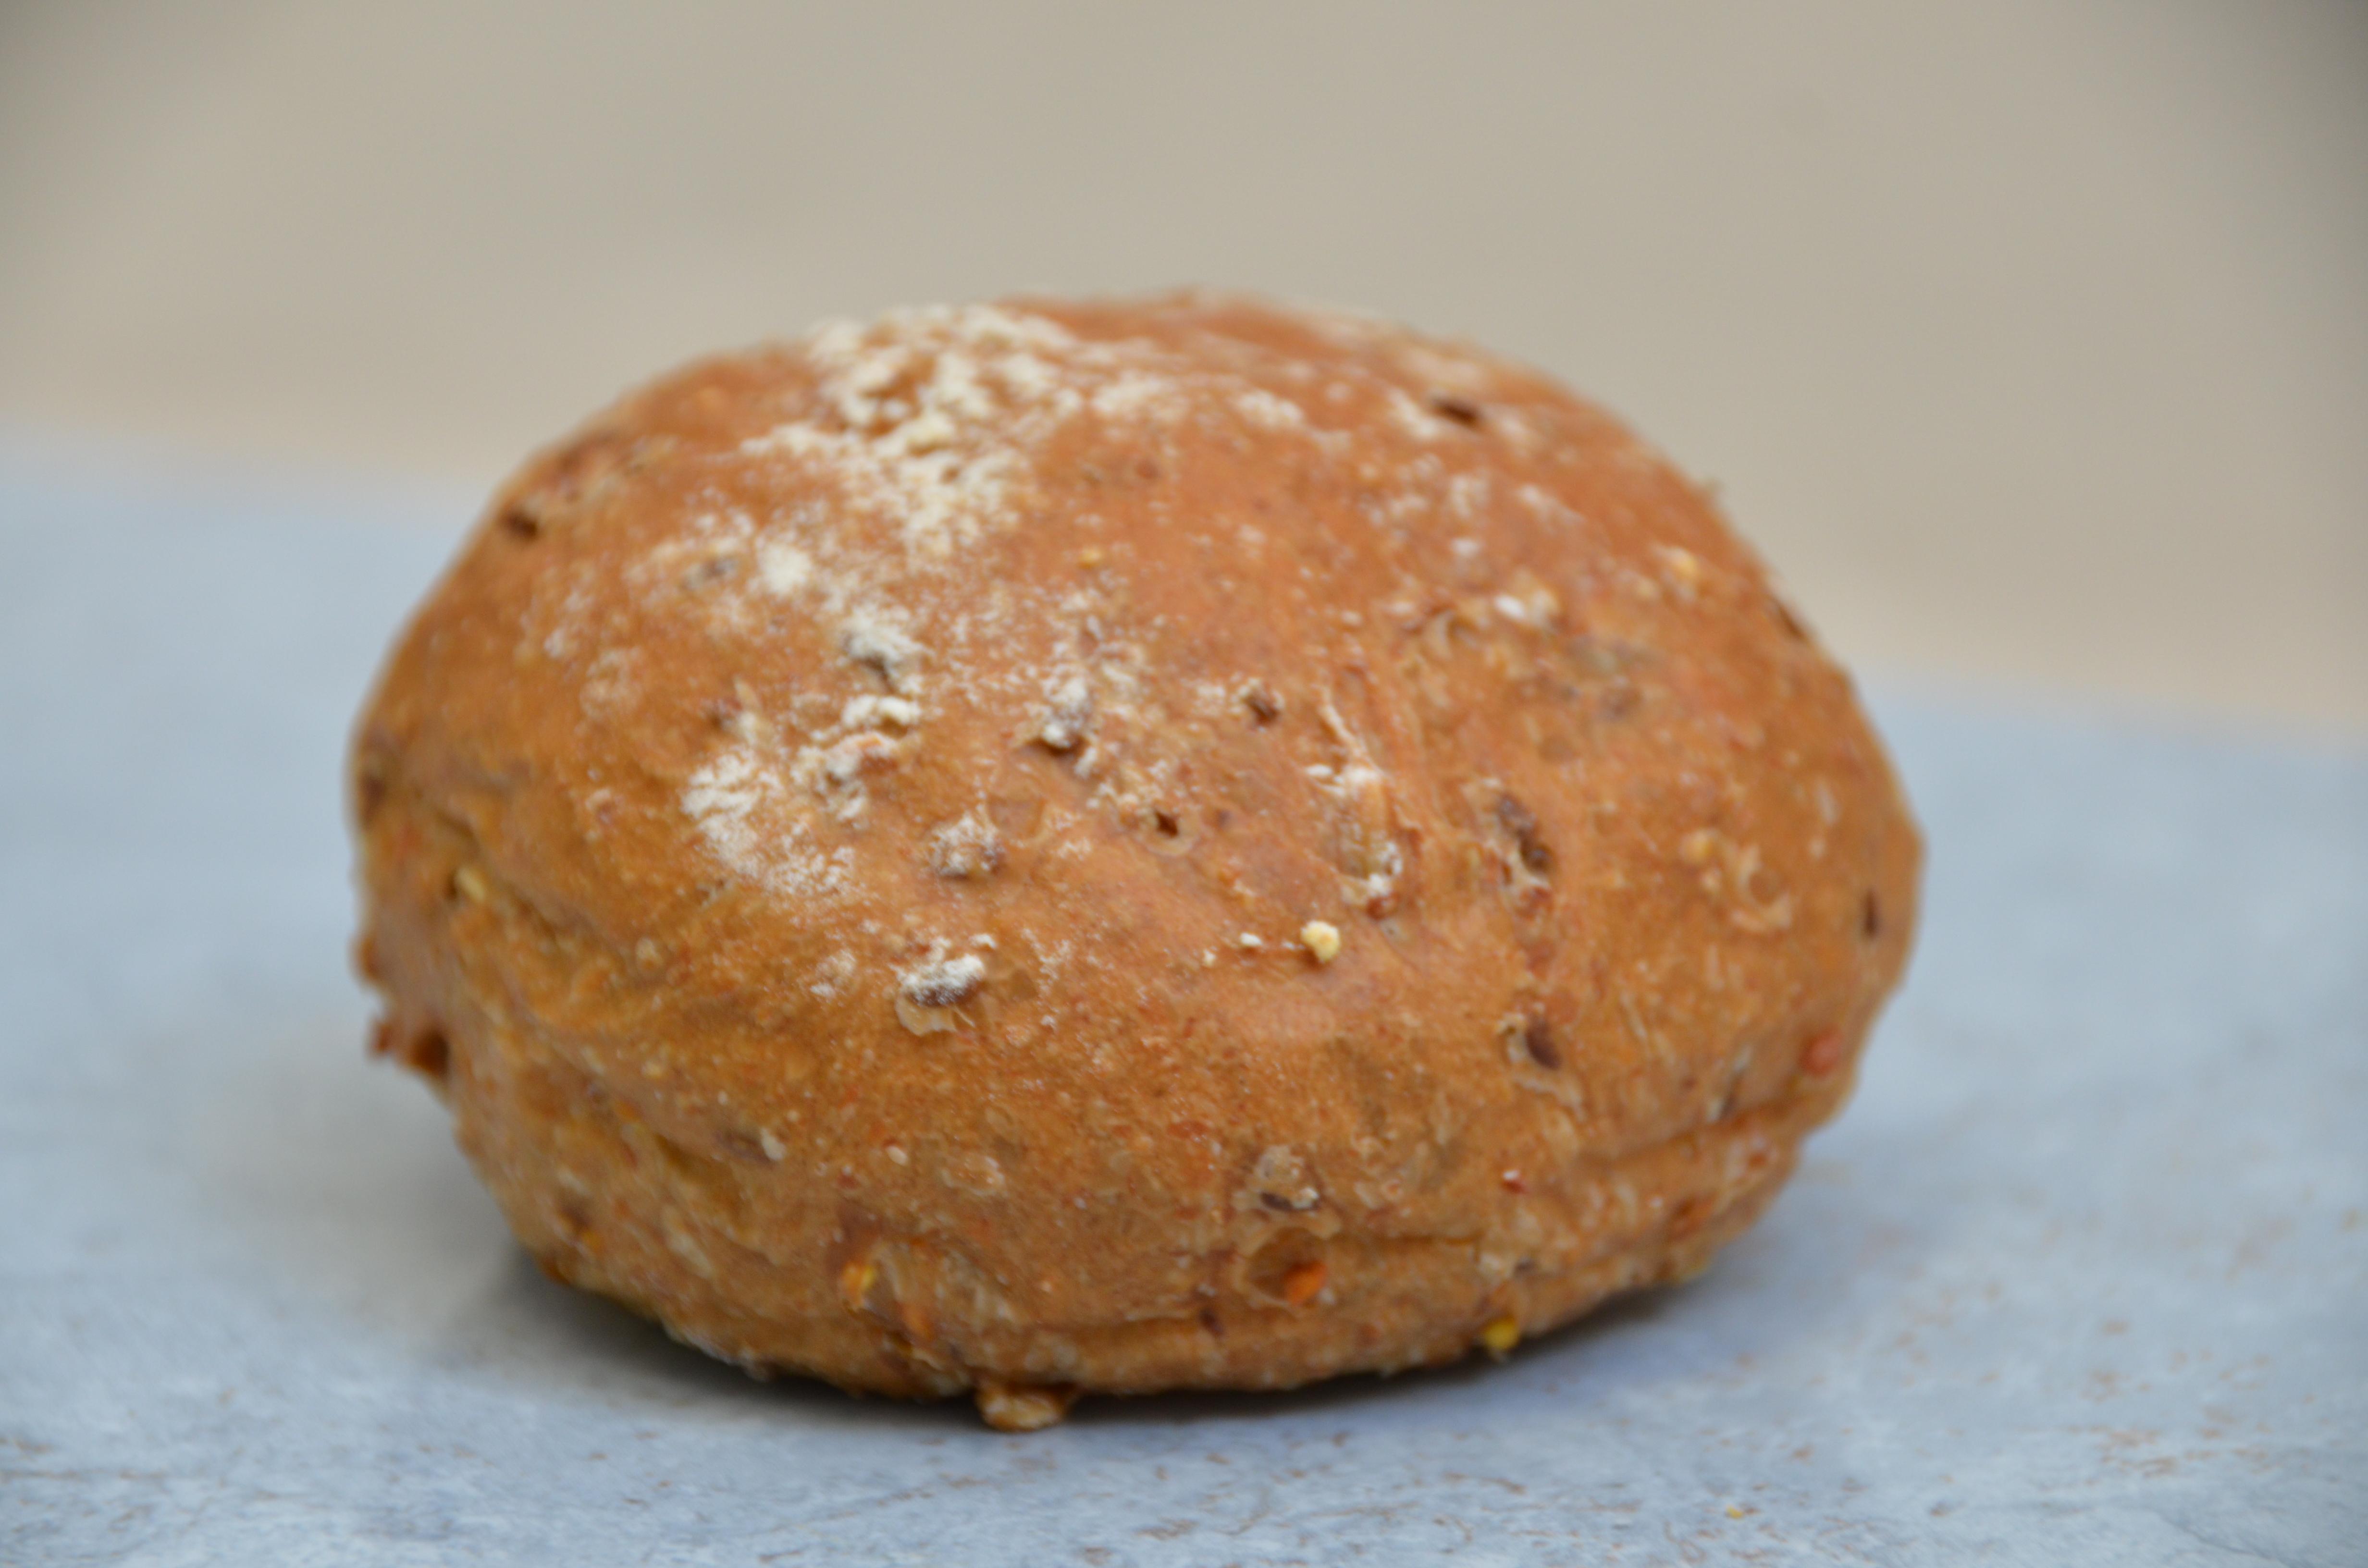 bossenbrood ovenkoek | Bakkerij Dirk & Co